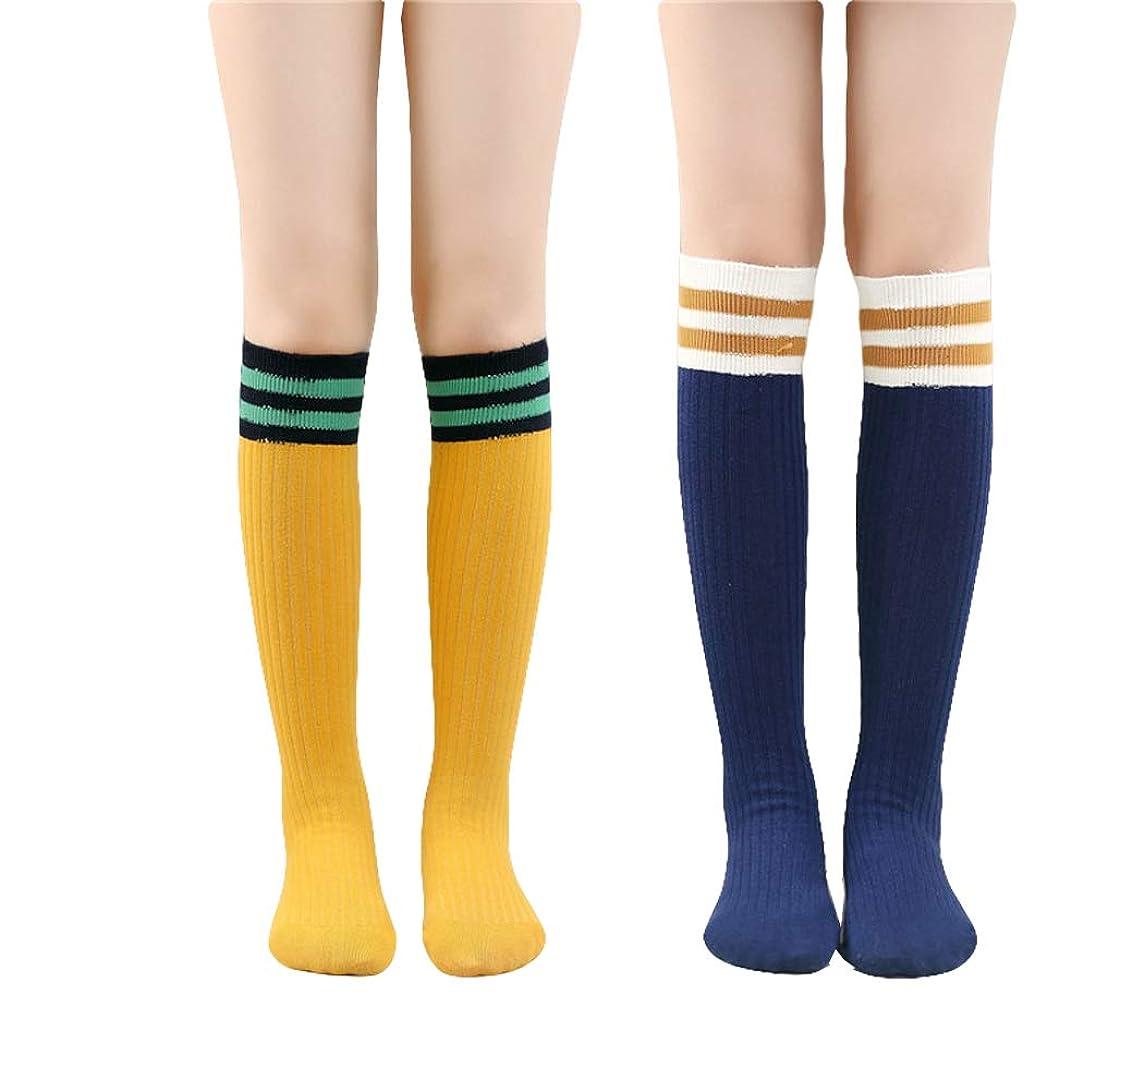 Unisex Knee High Stripe Athletic Tube Socks for Baby Boys & Girls 3-12 Years old